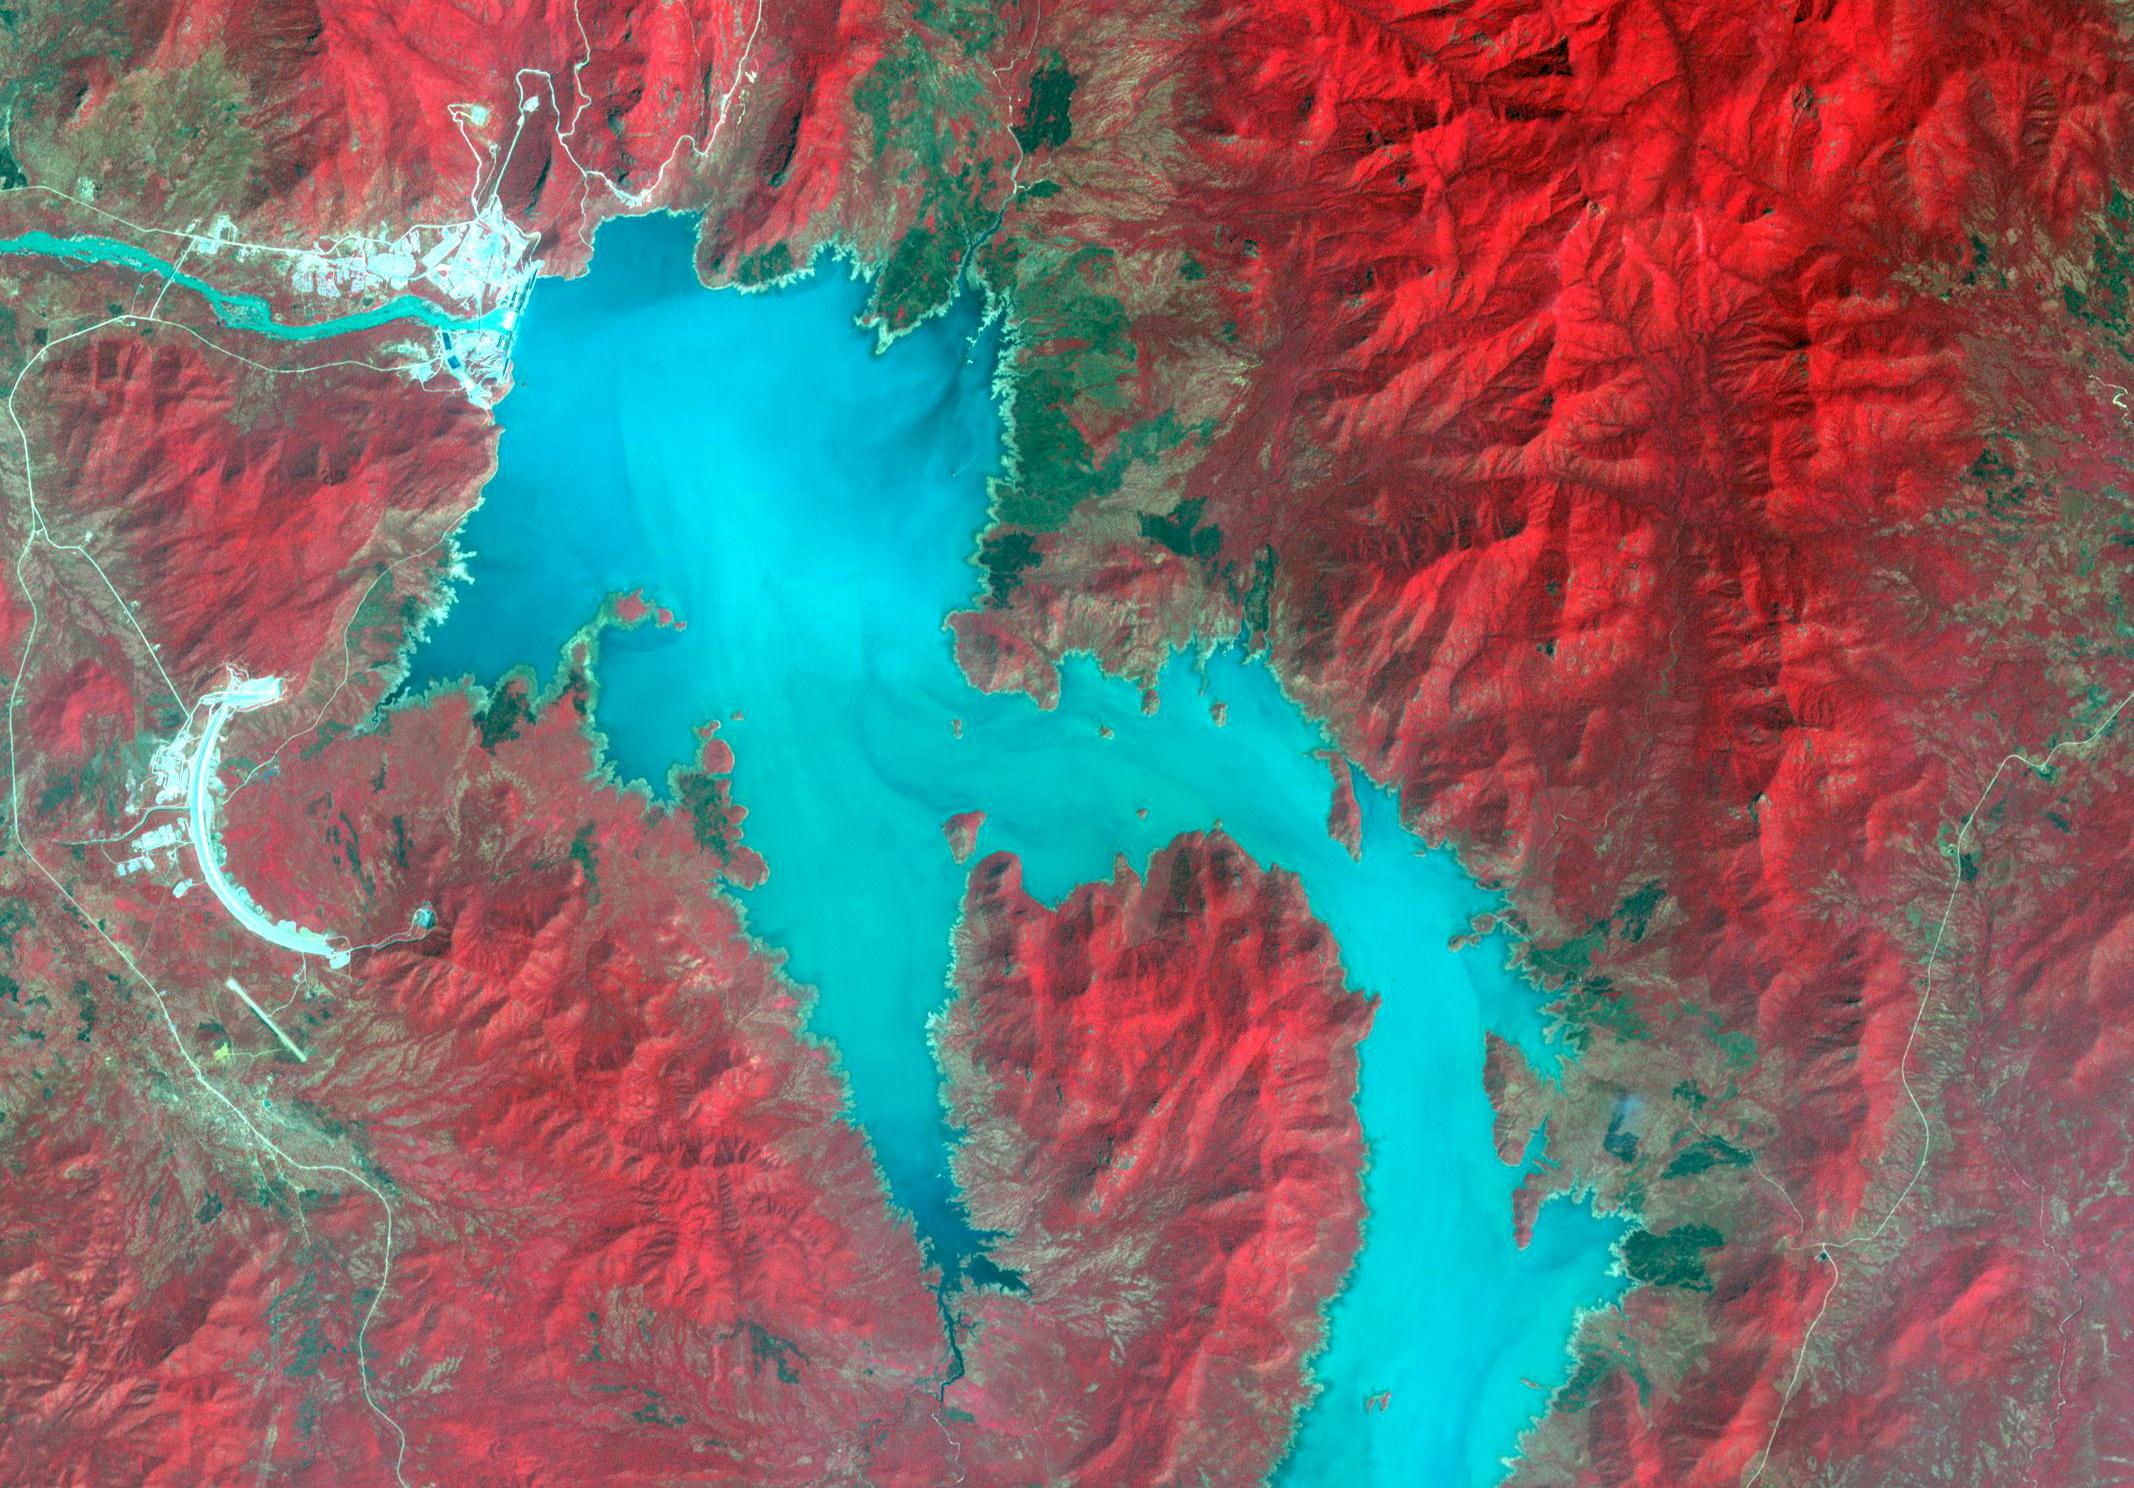 Image spectrale prise par satellite du Nil Bleu lors de la phase 1 du remplissage du Grand Barrage éthiopien de la Renaissance, le 6 novembre 2020.